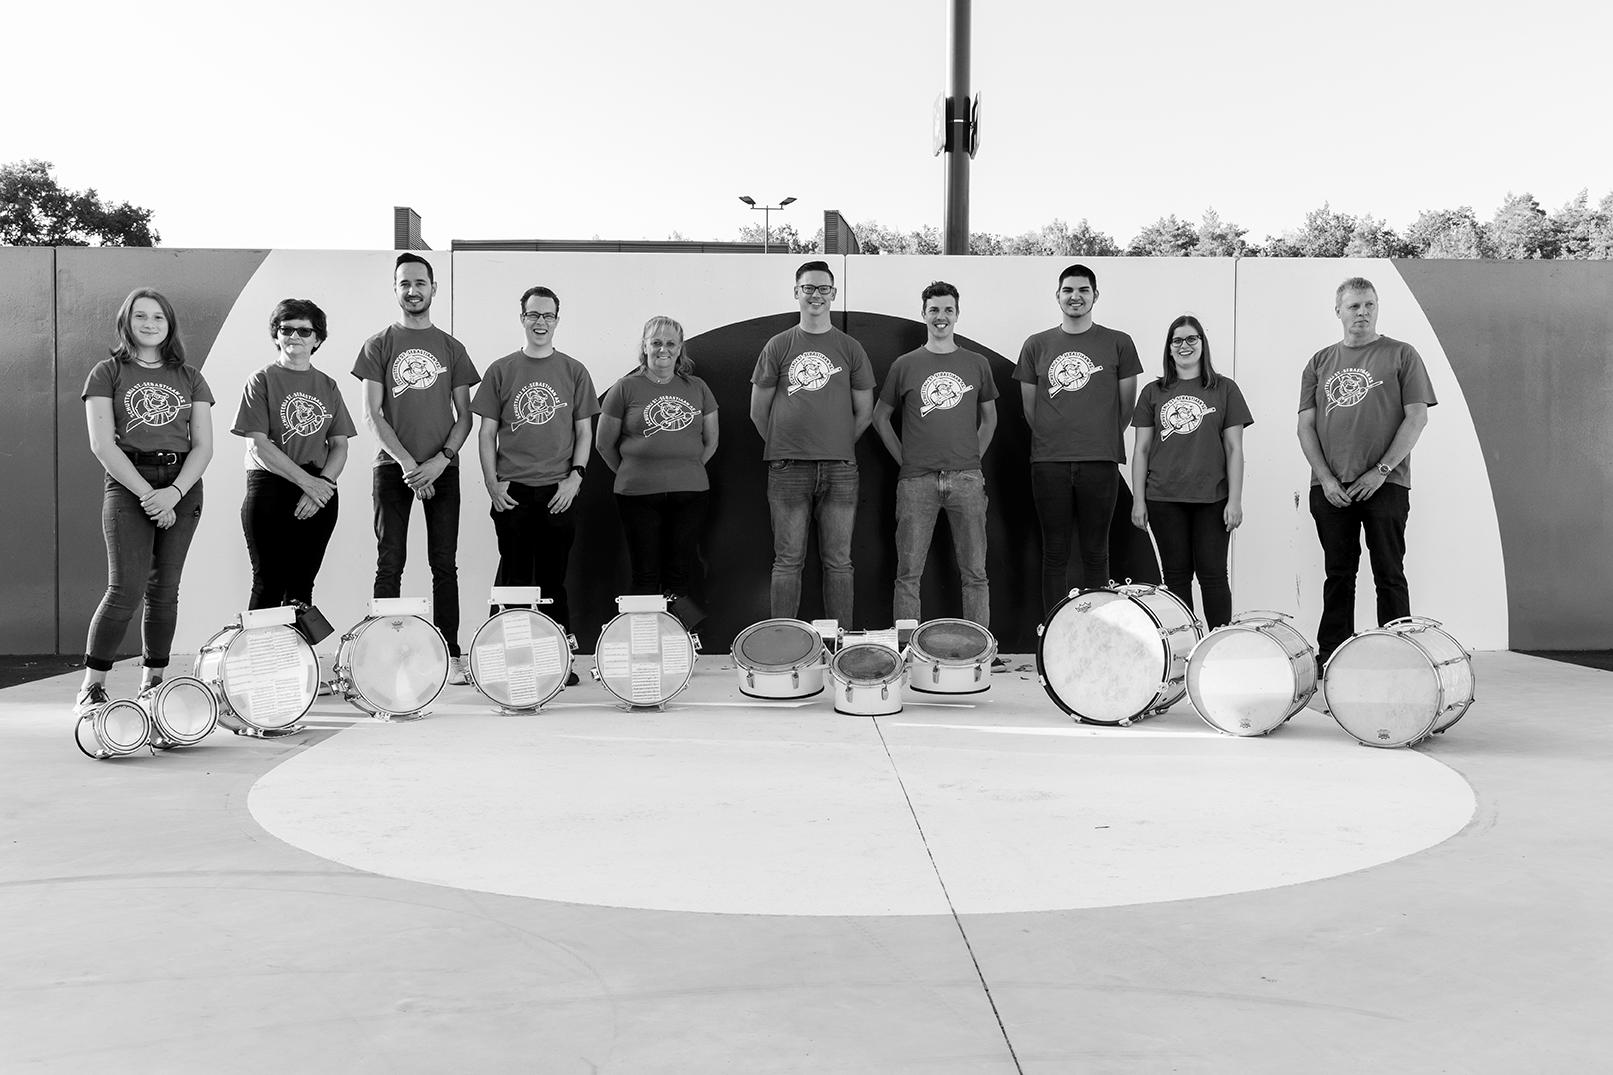 Het verhaal van de drumband in 3 minuten